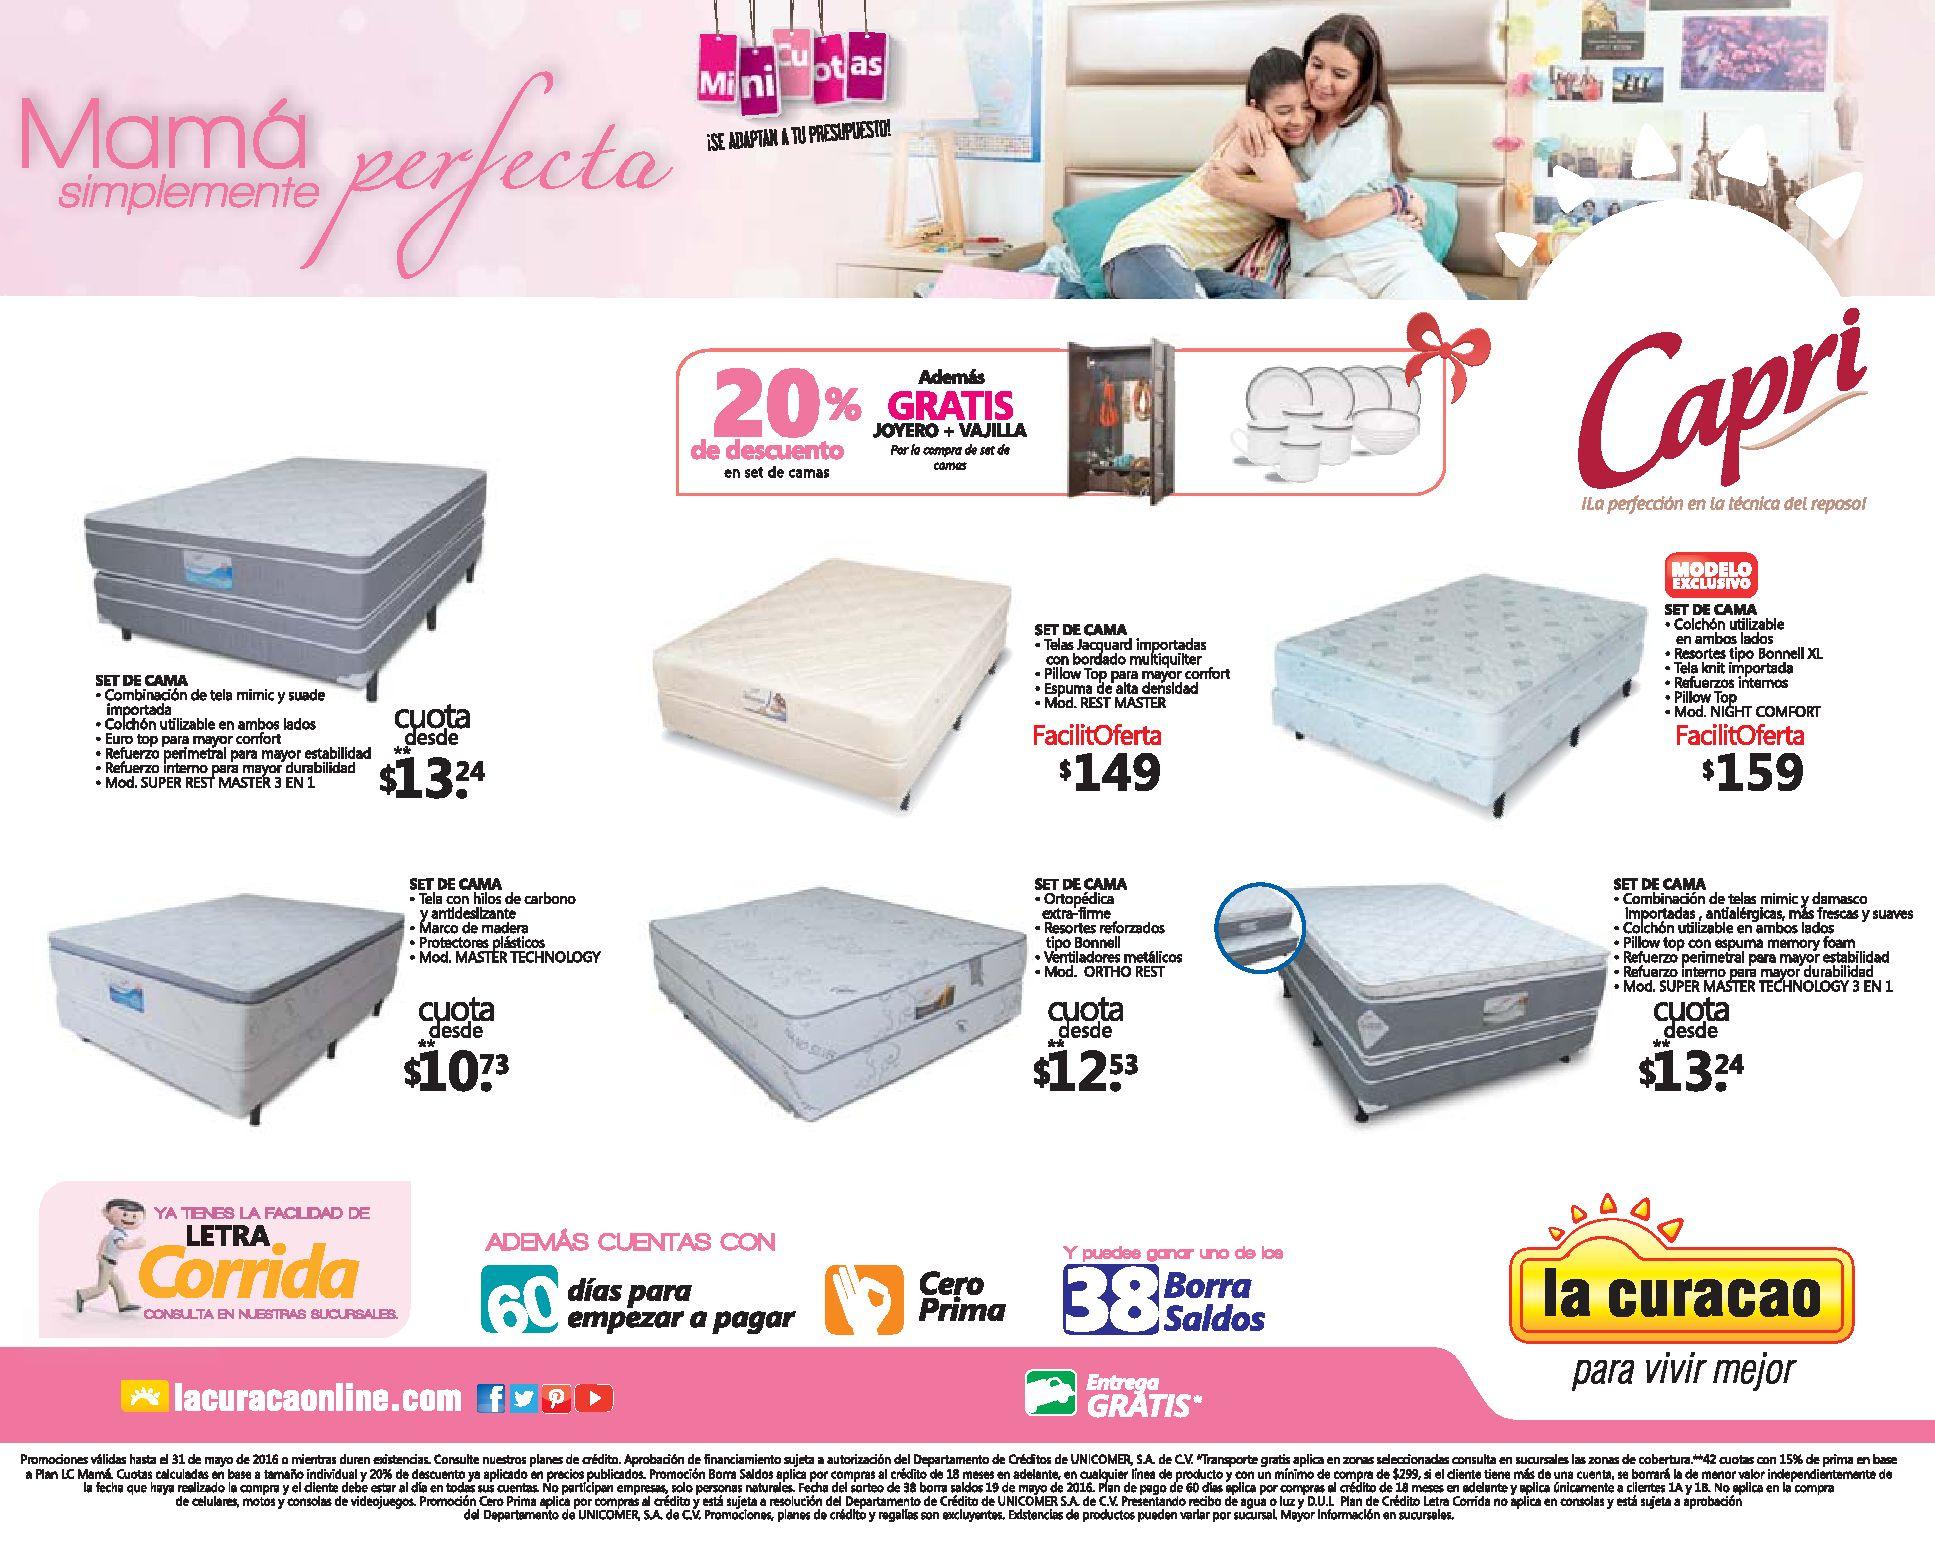 6 camas en promocion para mama en la curacao ofertas ahora for Ofertas de camas